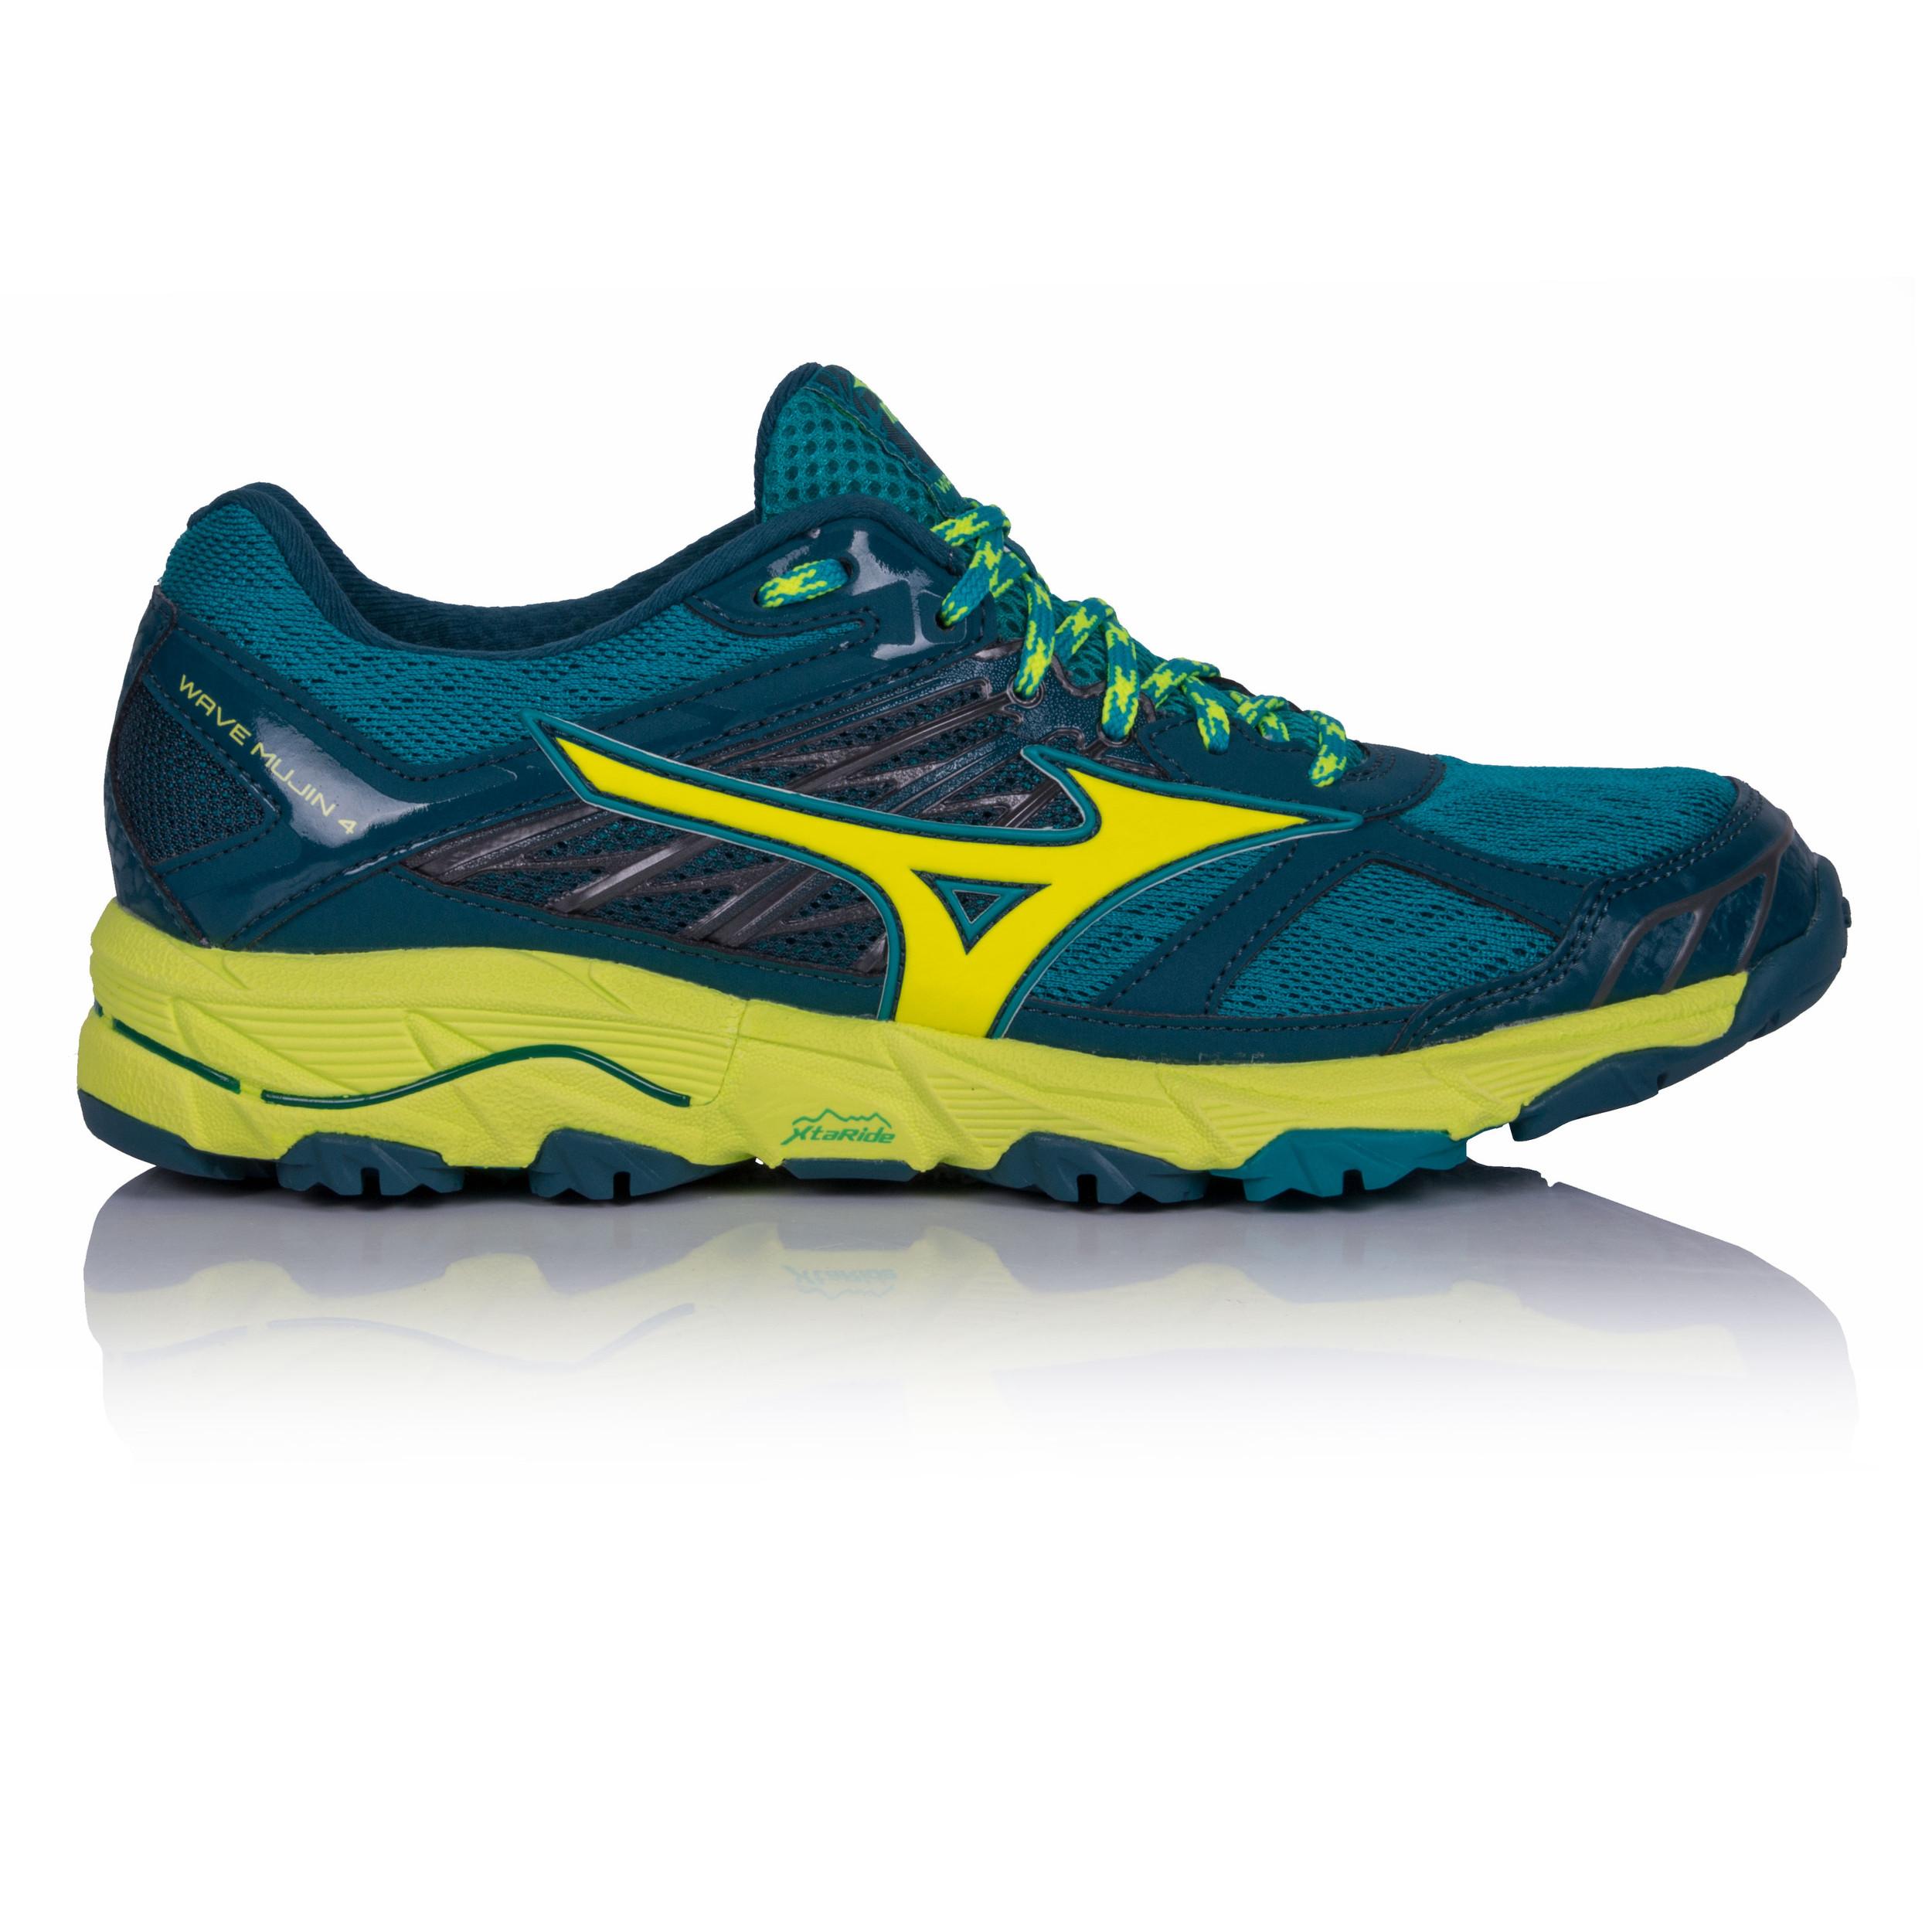 e726334142 Mizuno Damen Grün Wave Mujin 4 Trail Laufschuhe Jogging Sport Schuhe  Turnschuhe